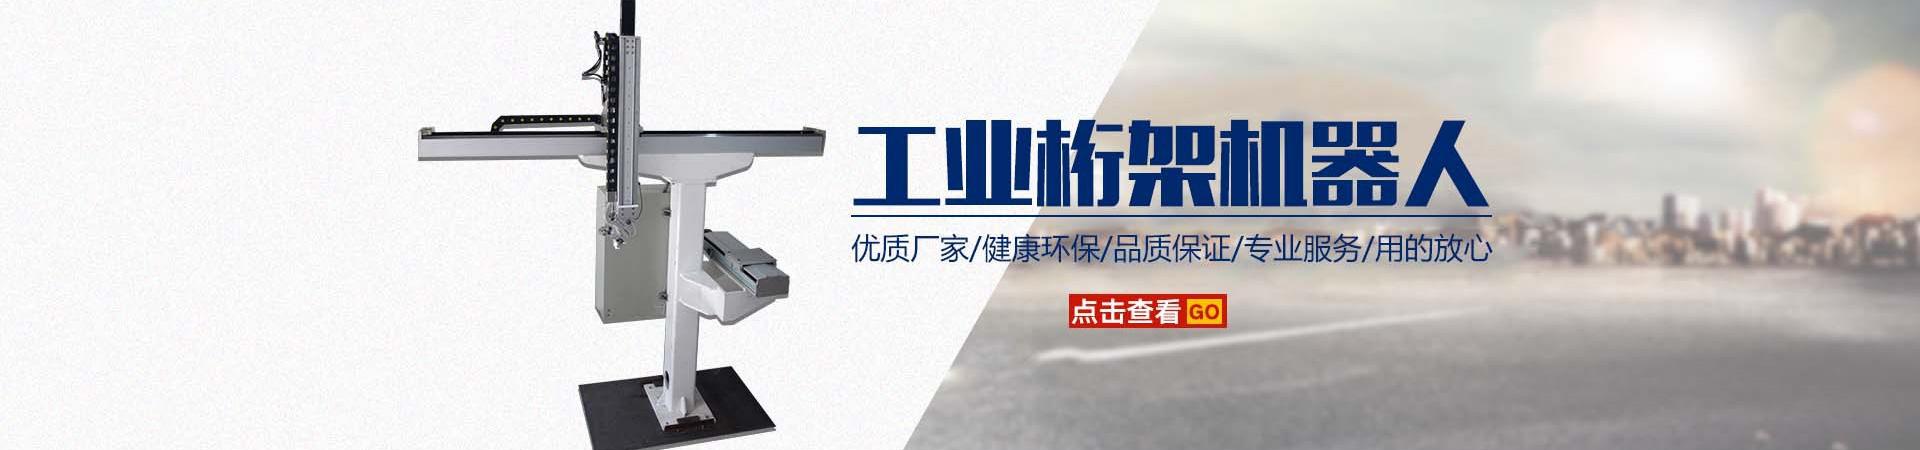 重慶焊接機器人